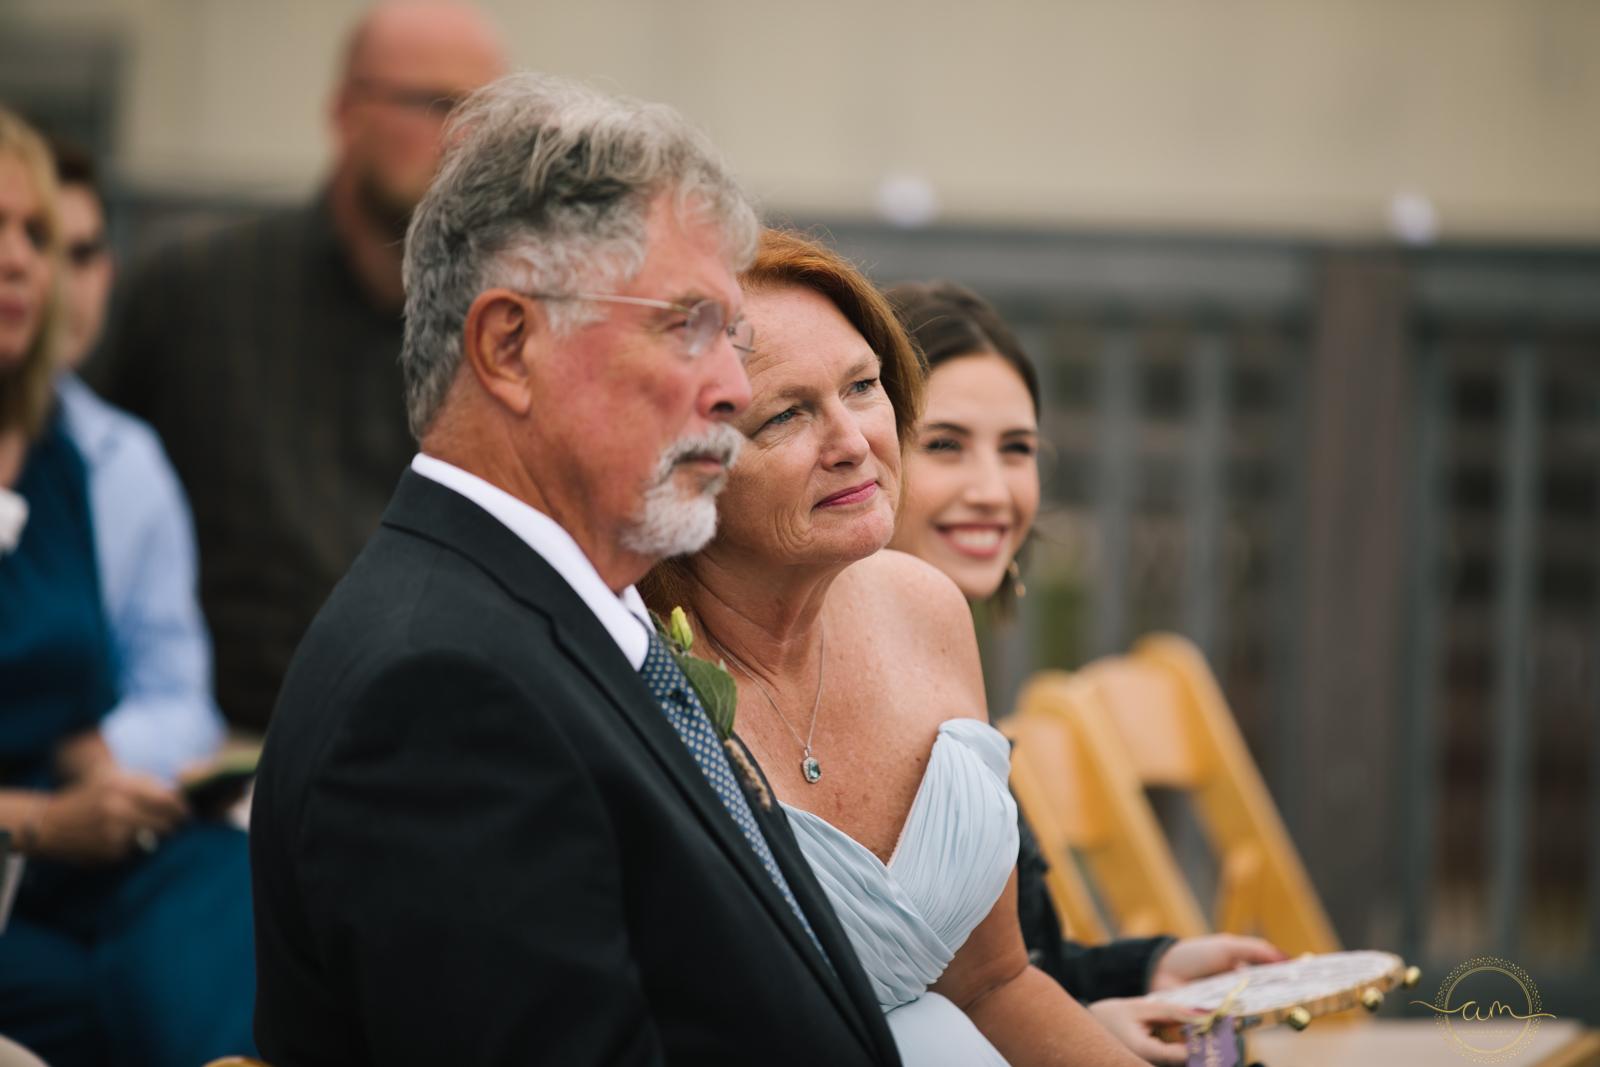 Narragansett-RI-Beach-Wedding-Amanda-Morgan-47.jpg